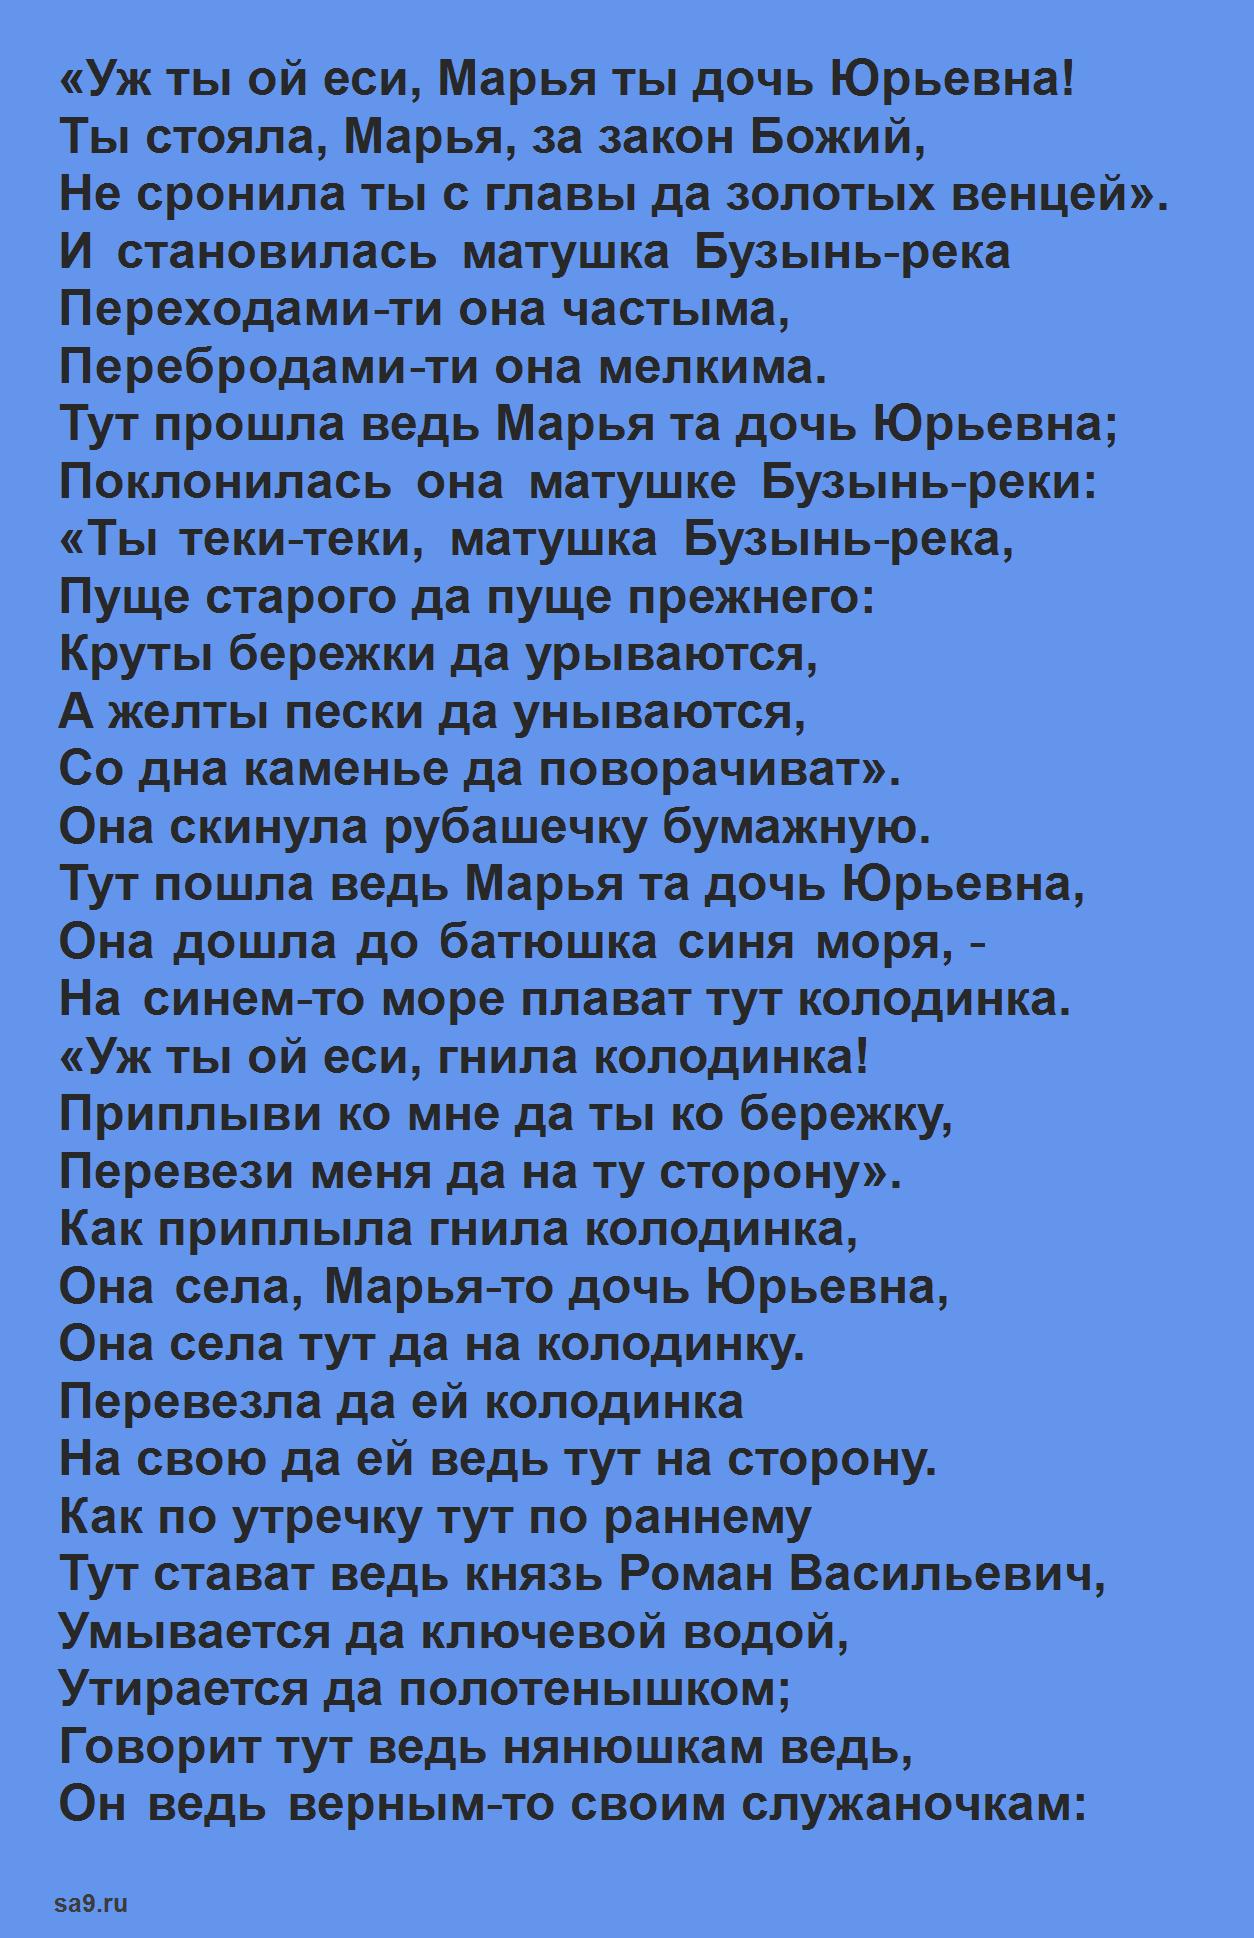 Читать былину - Князь Роман и Марья Юрьевна